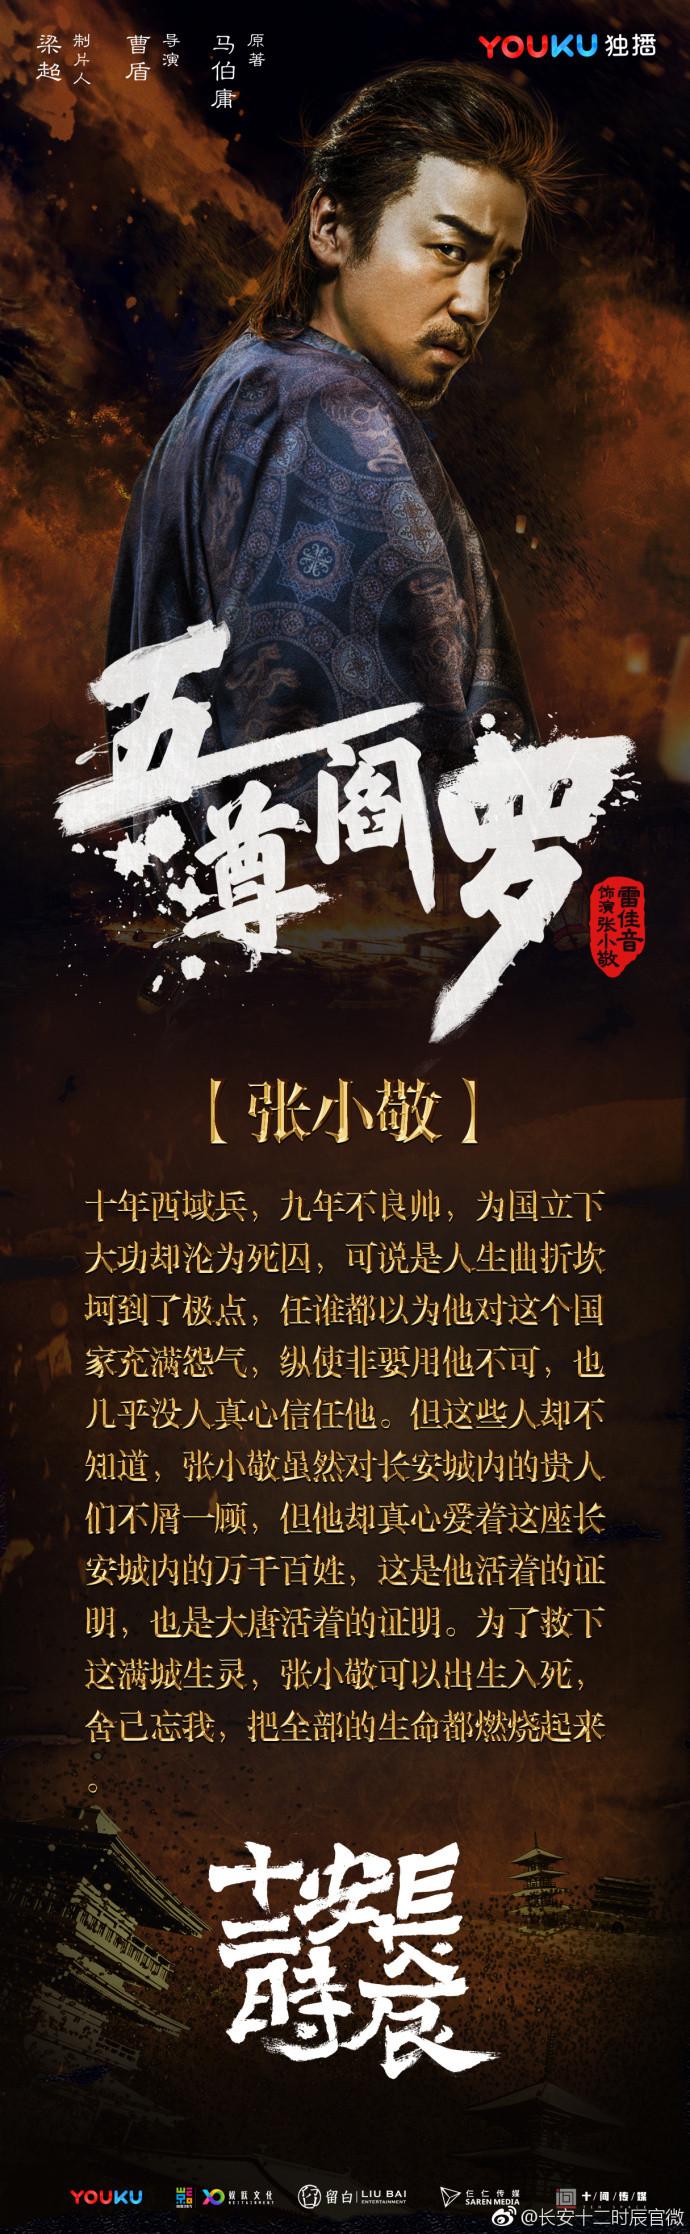 易烊千玺成漫画男主 搭档黄子韬成冷血杀手